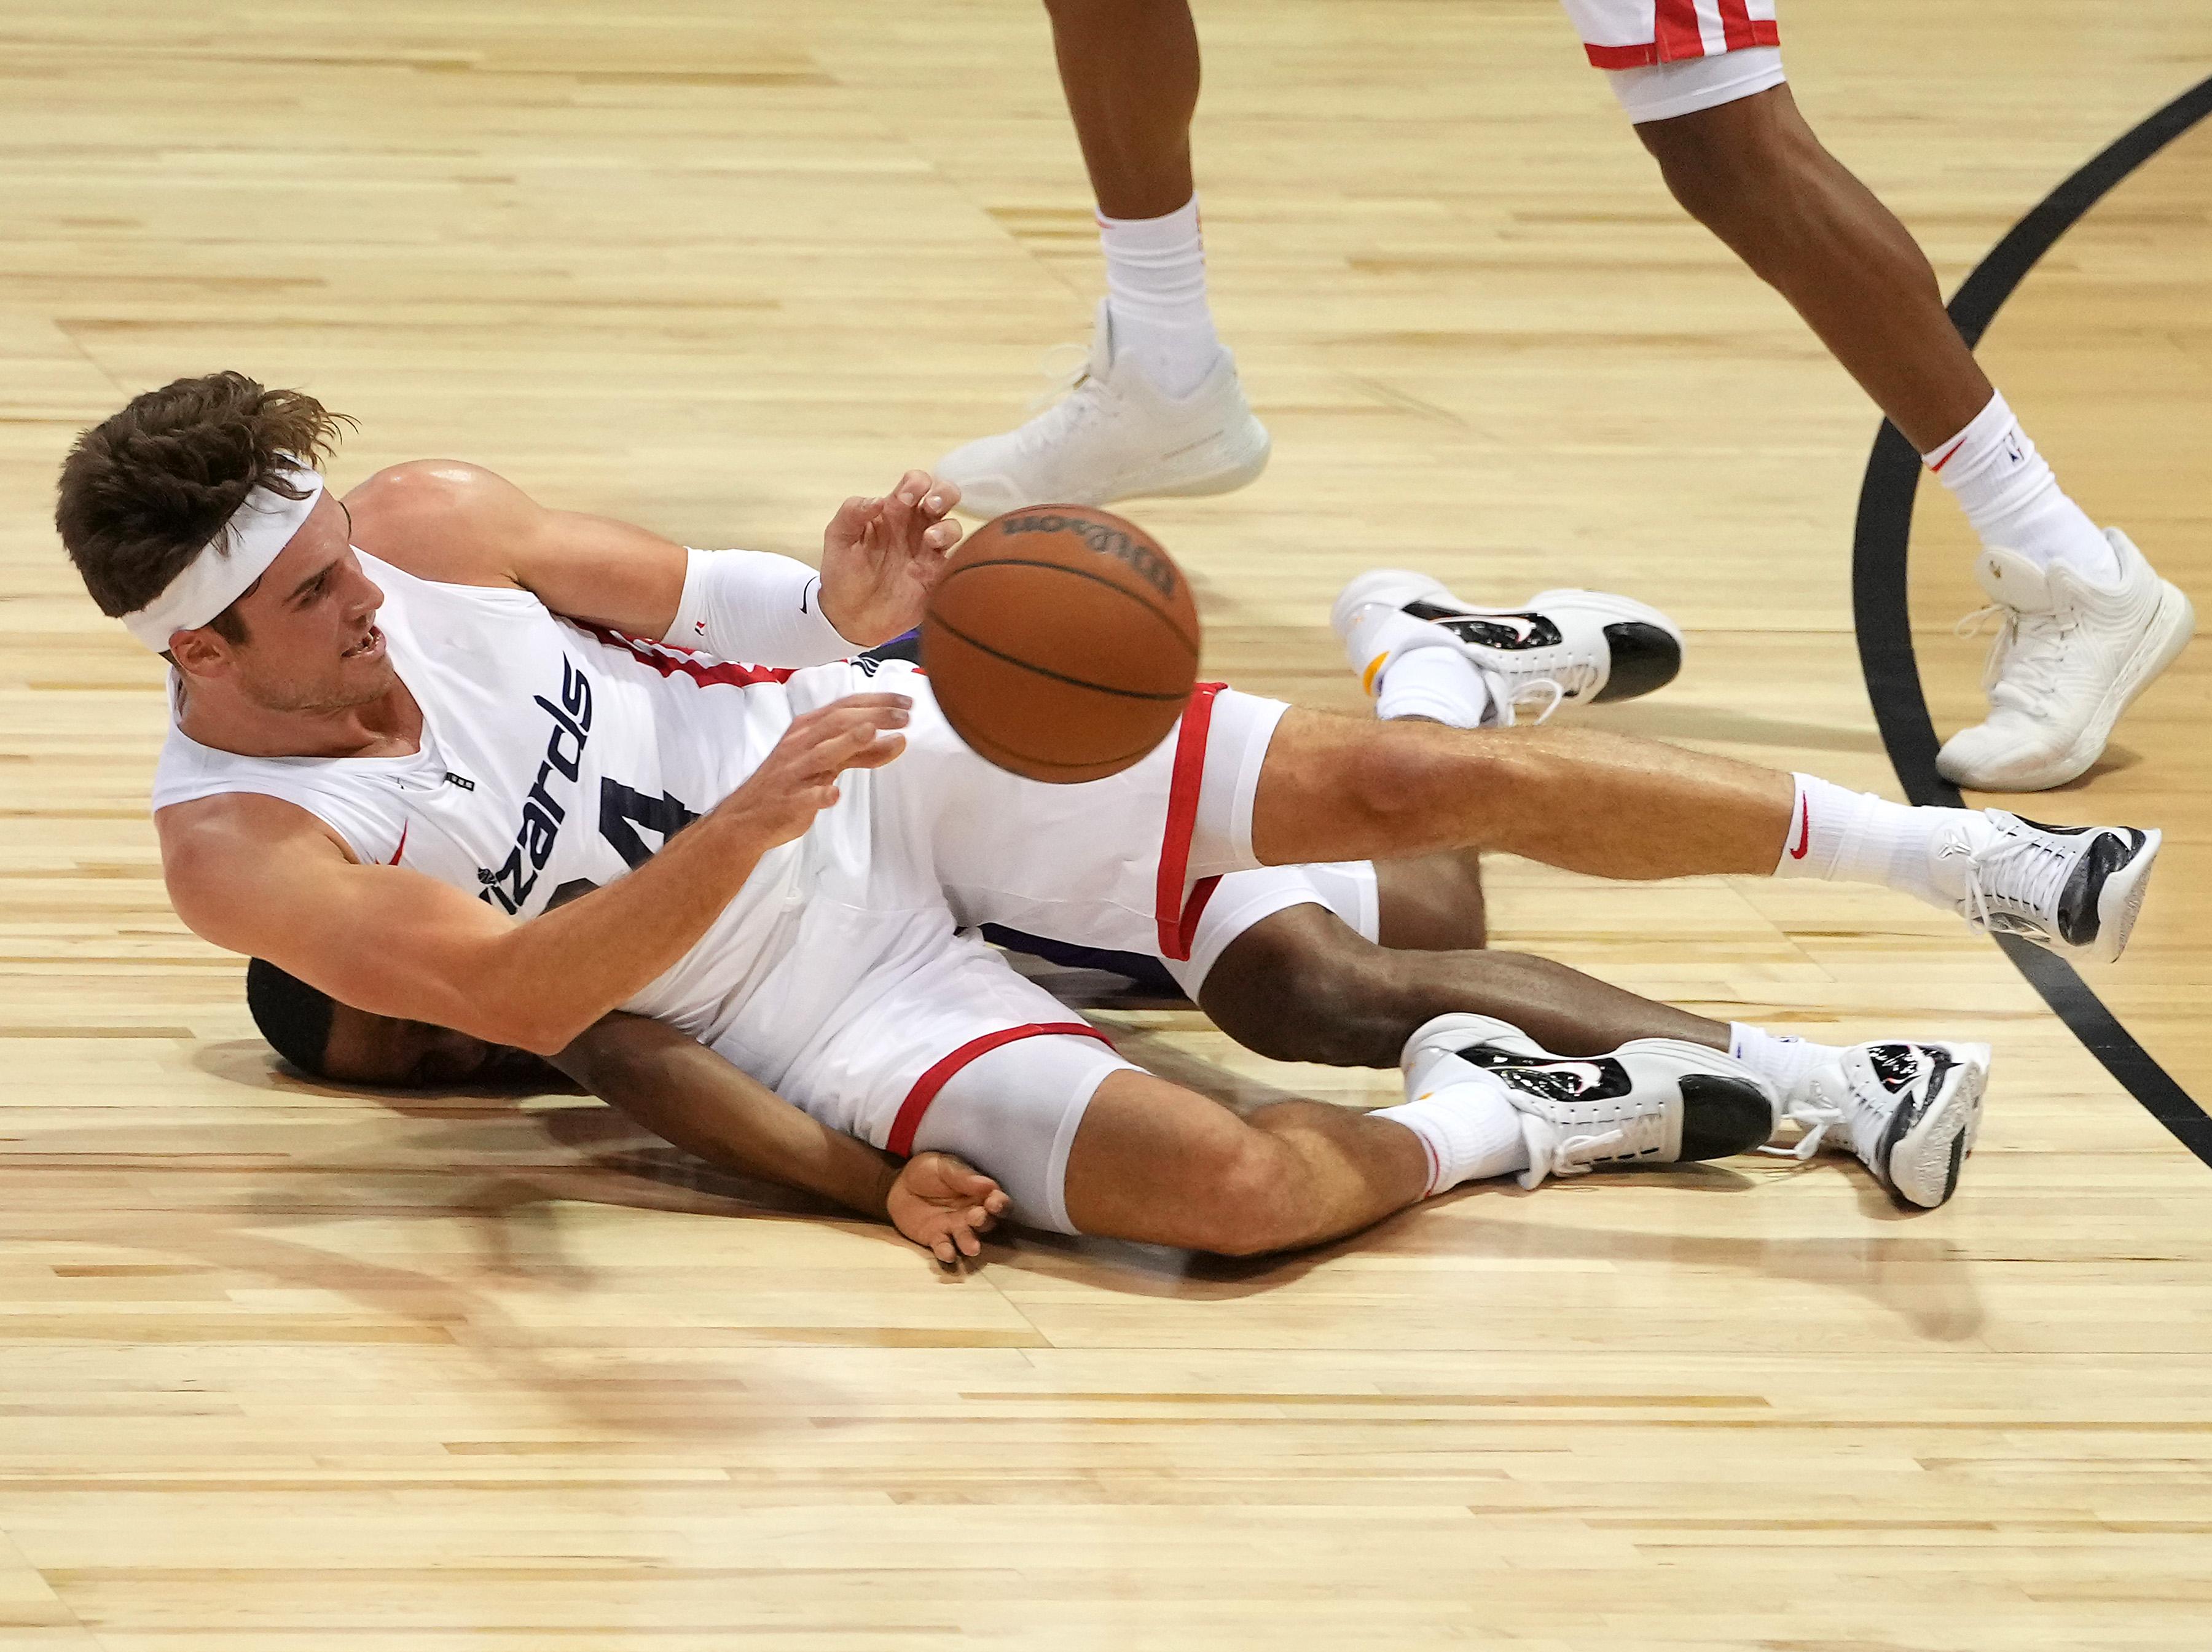 NBA: Summer League-Sacramento Kings at Washington Wizards